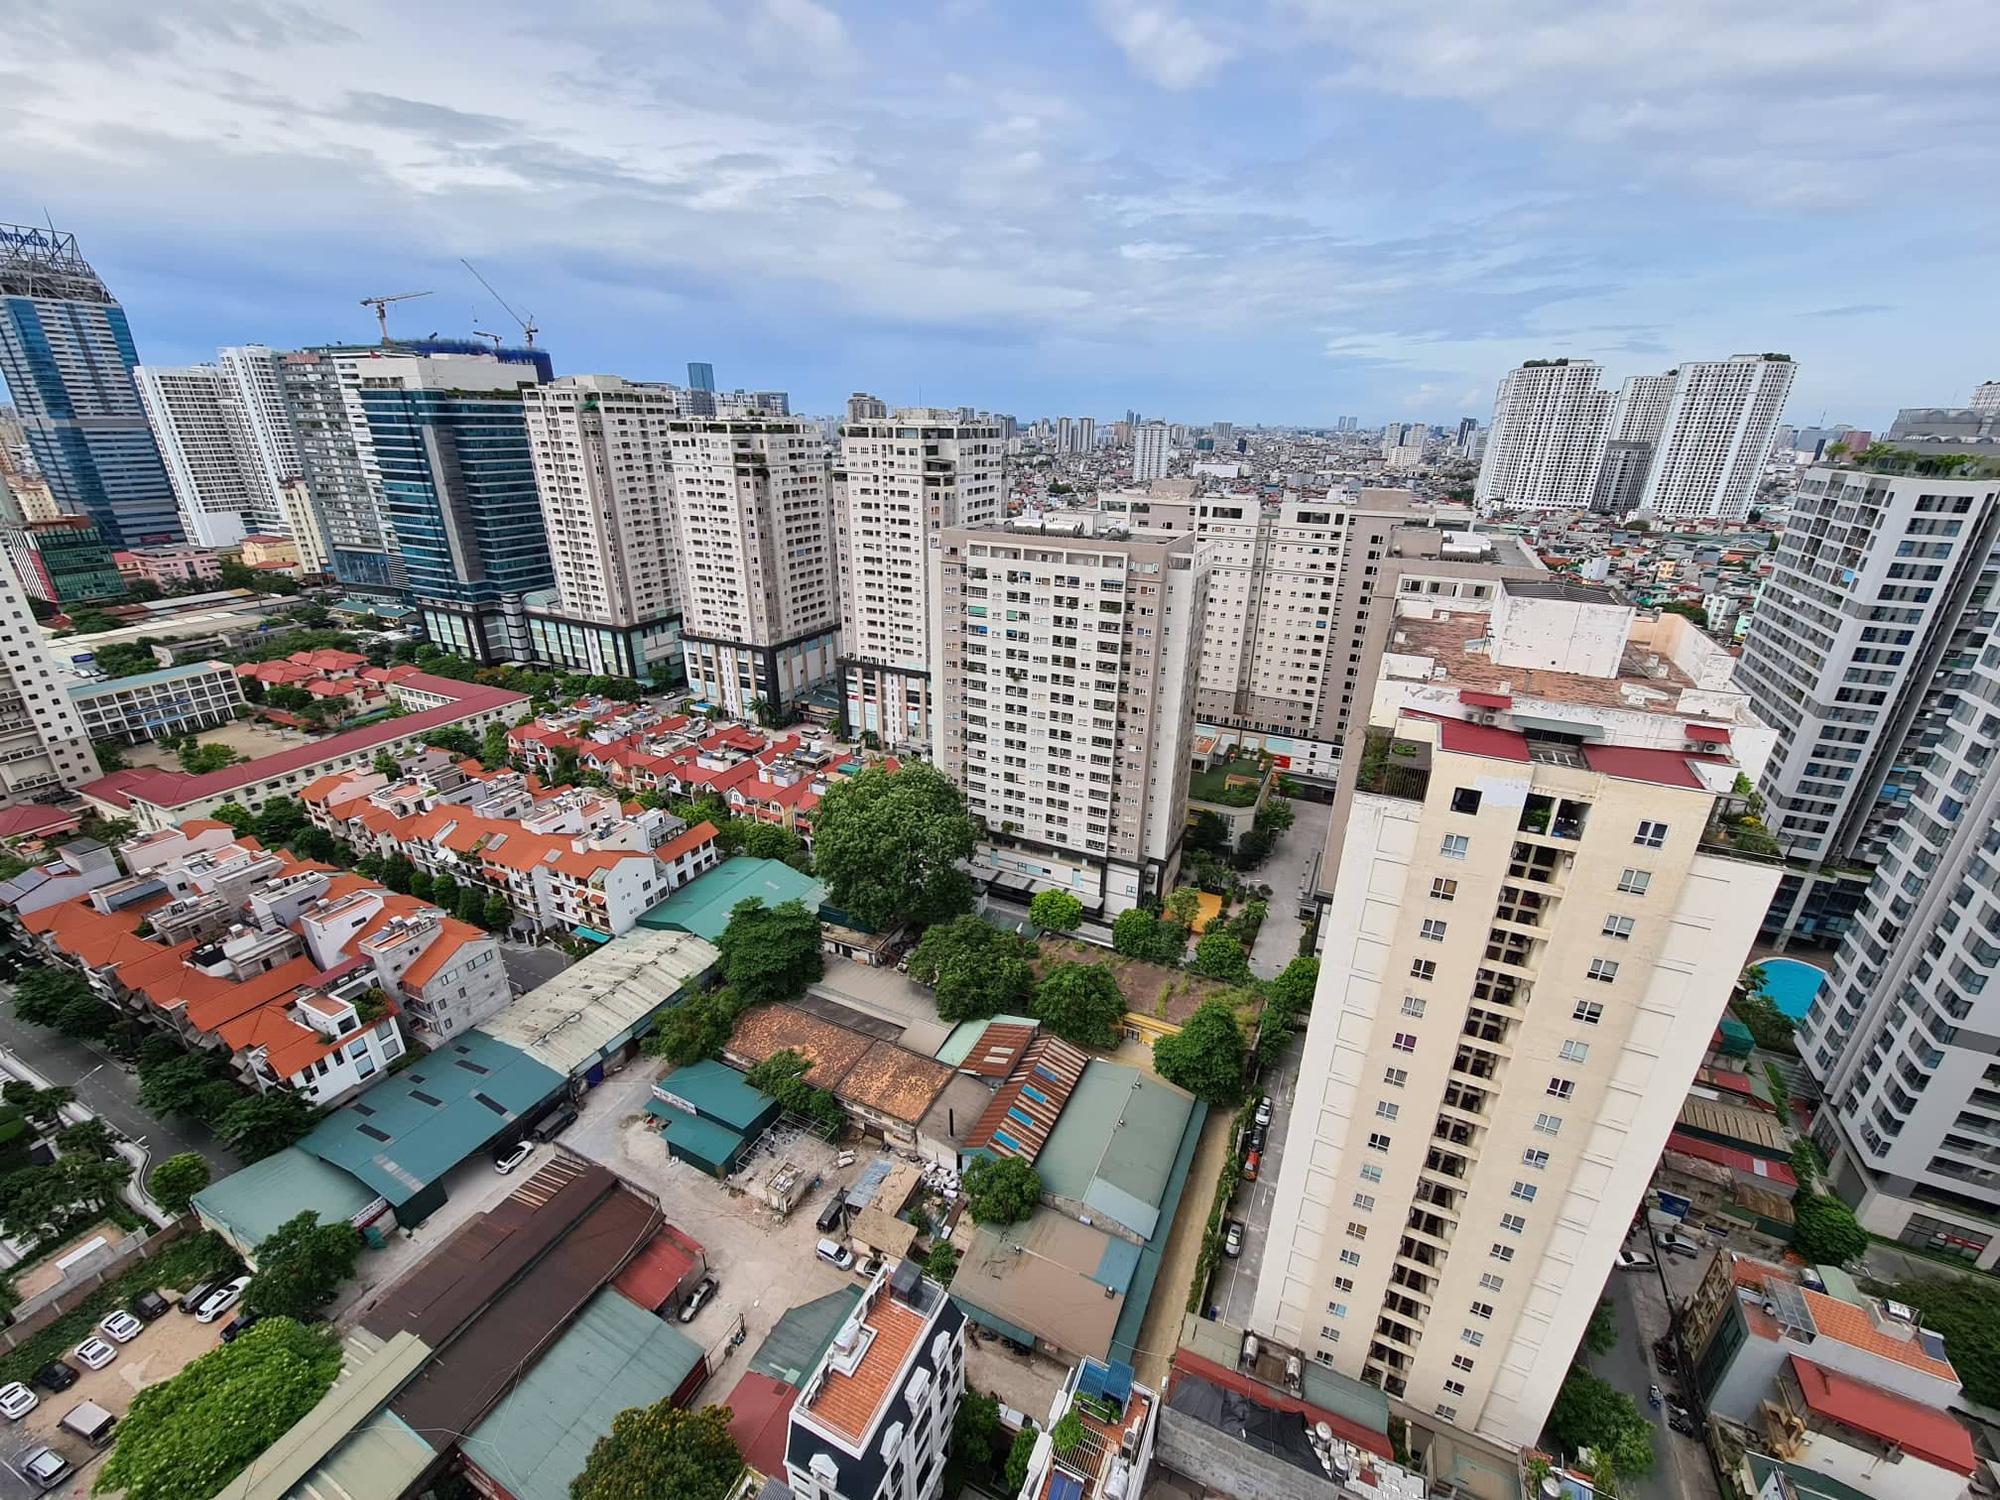 Bộ Xây dựng lý giải giá bất động sản vẫn tăng bất chấp dịch Covid-19 - Ảnh 2.